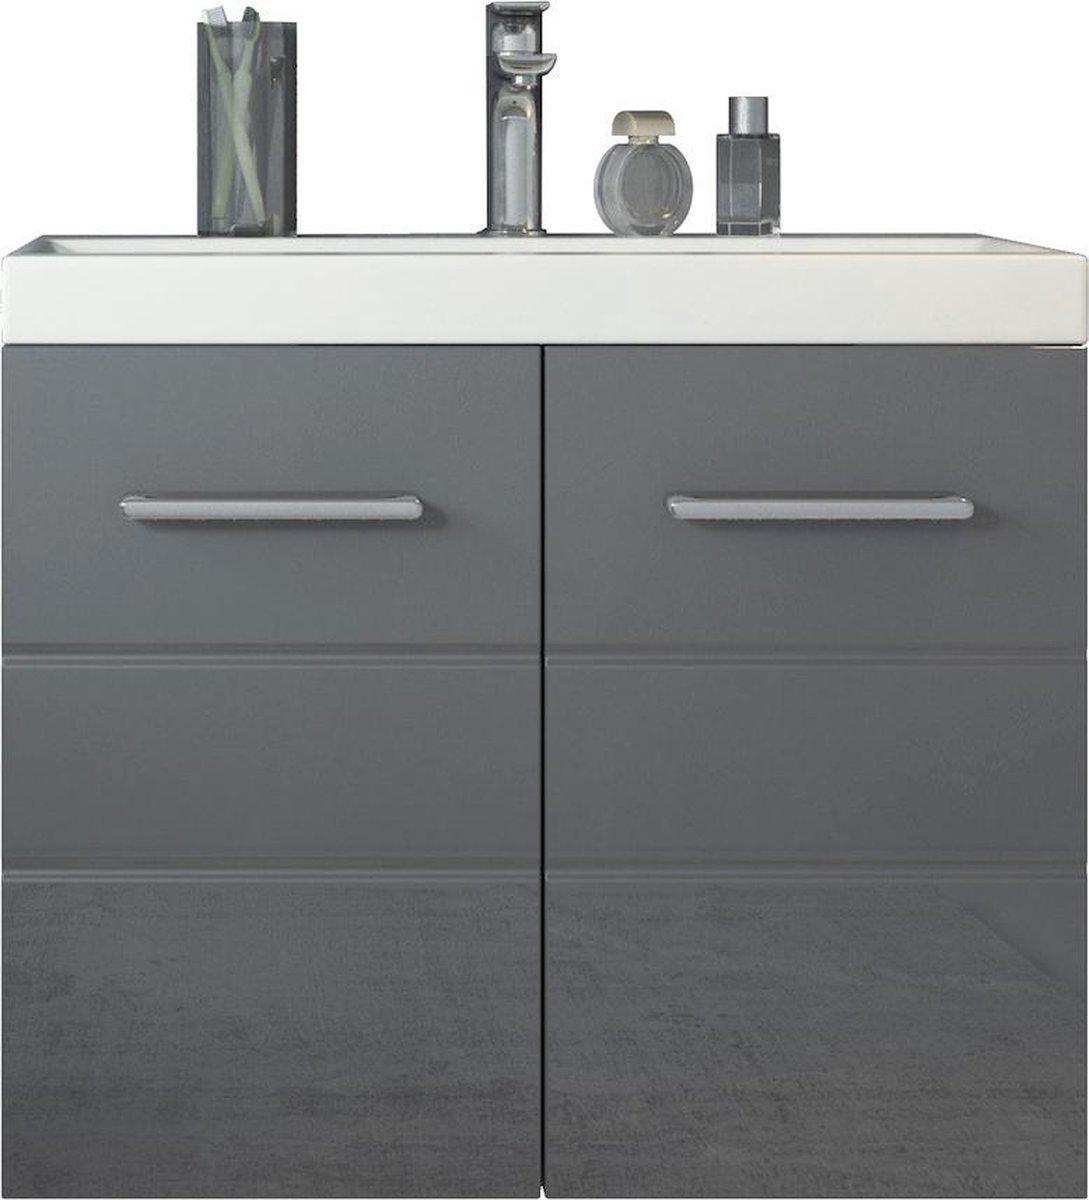 Badplaats - Badkamermeubel Toledo 01 60cm - Wit met hoogglans grijs - Kast met wastafel